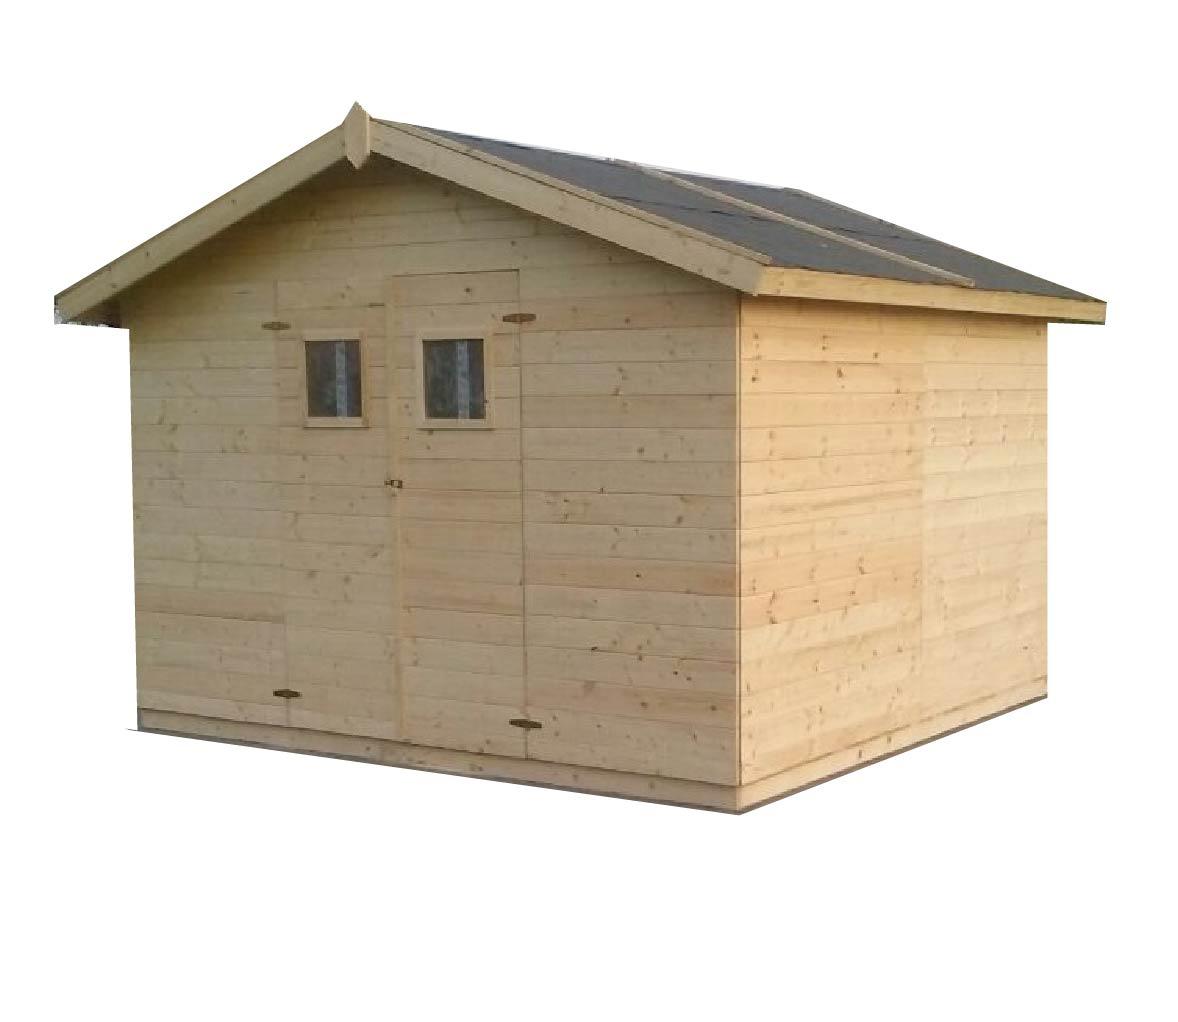 gartenhäuser bis 8 m2 | gartenhaus aus holz 2,7m x 2,7m, (16mm) mit